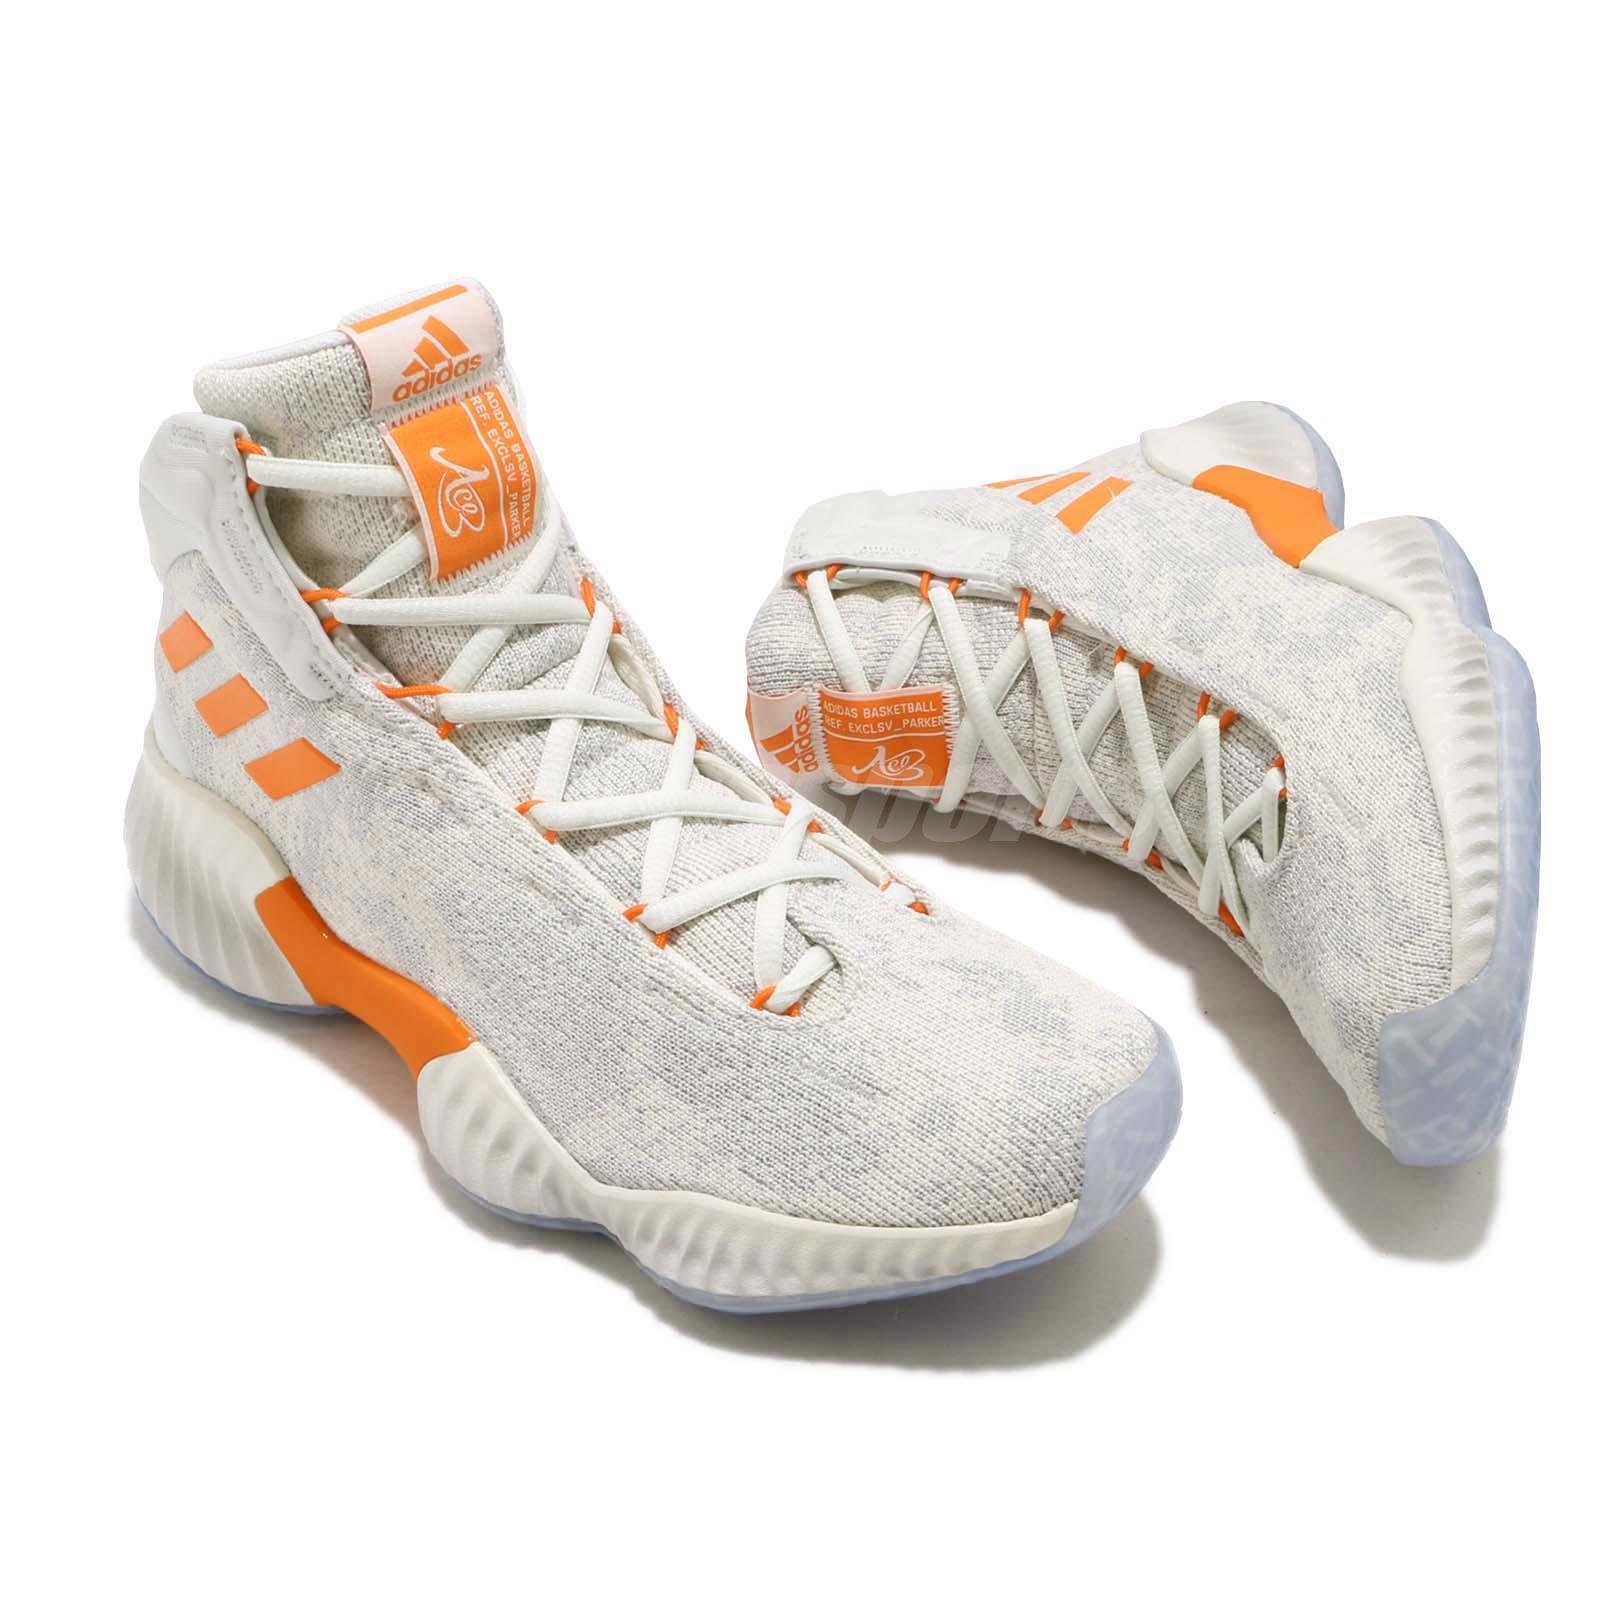 d937cea71aca Adidas Pb Кэндис Паркер Pro Bounce 18 скидка белый оранжевый Женский ...